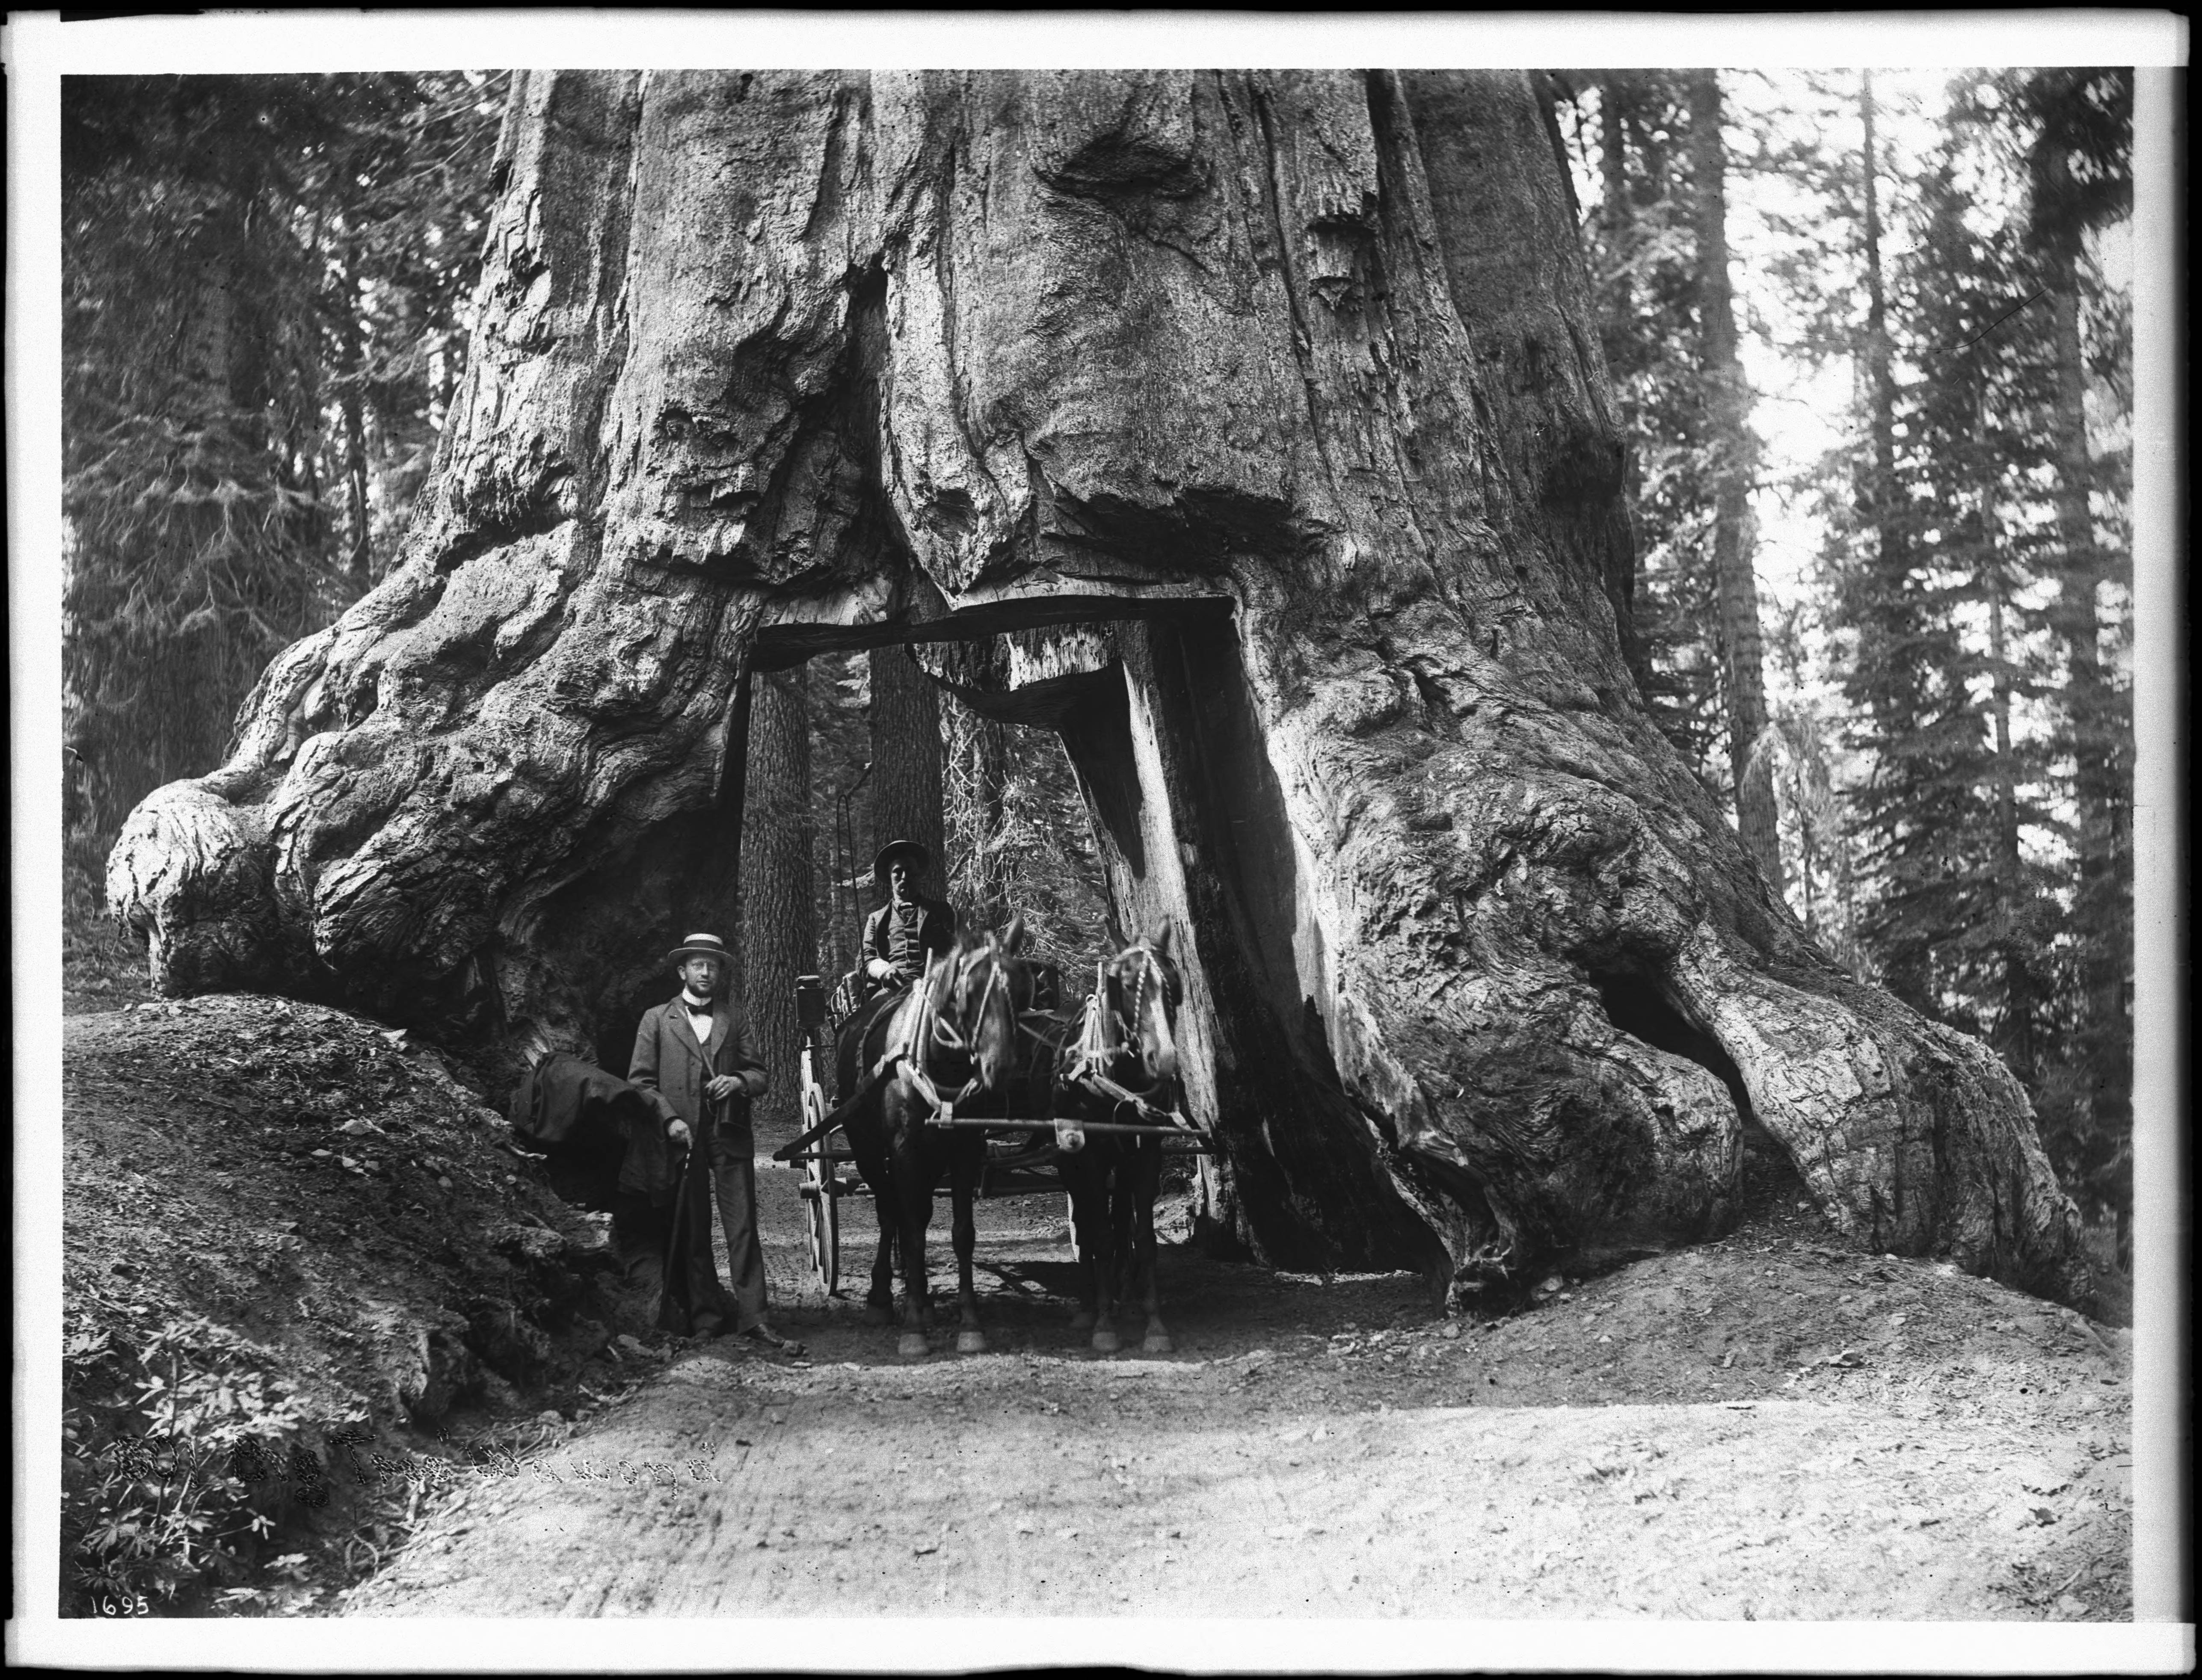 1900-е. Конный экипаж, проезжающий через проем в Большом дереве в большой роще Марипоса, Калифорния